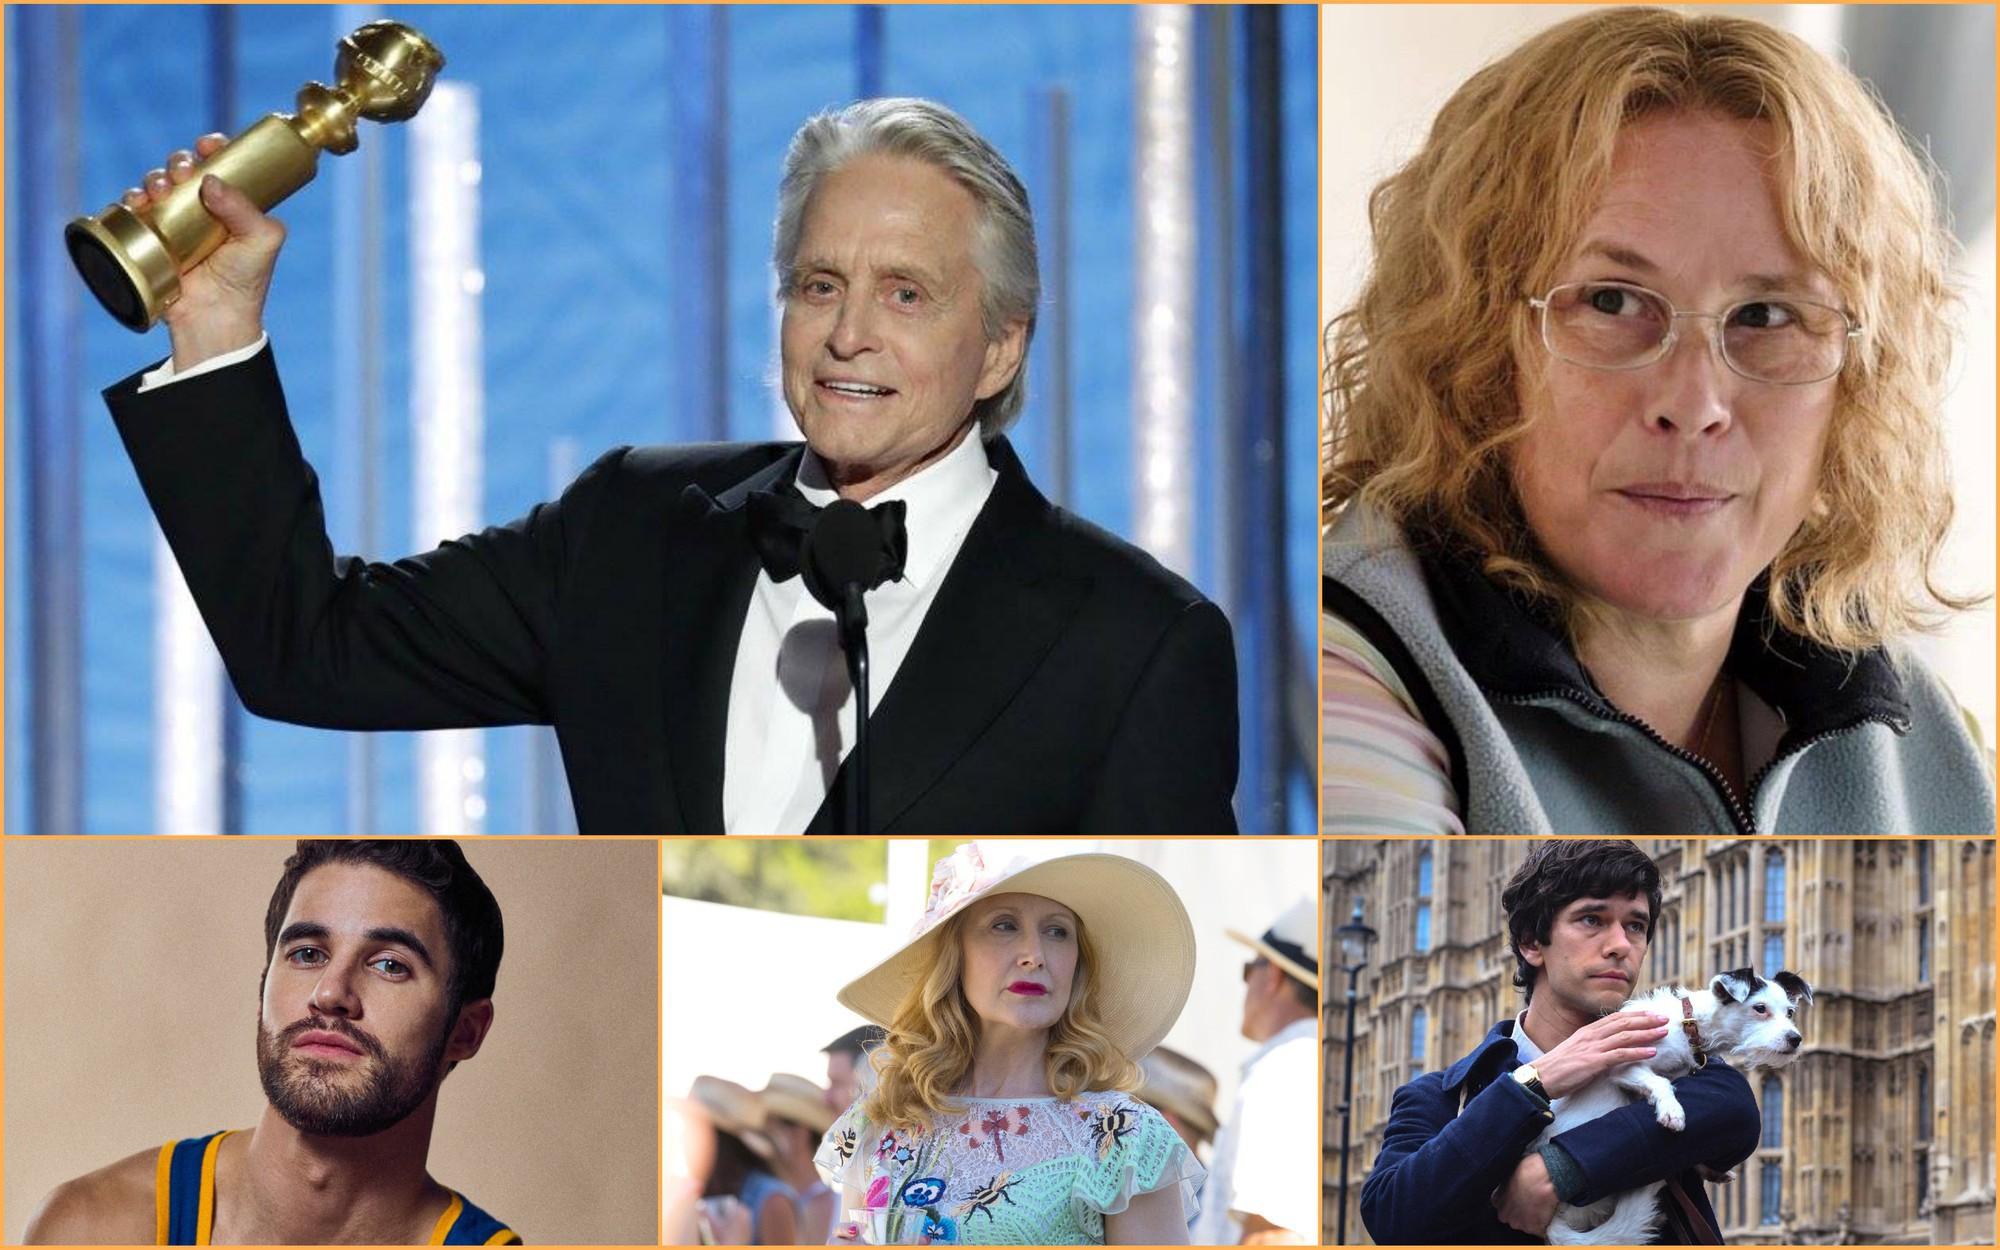 Sao màn bạc ẵm các giải cho phim... truyền hình ở Quả cầu vàng 2019